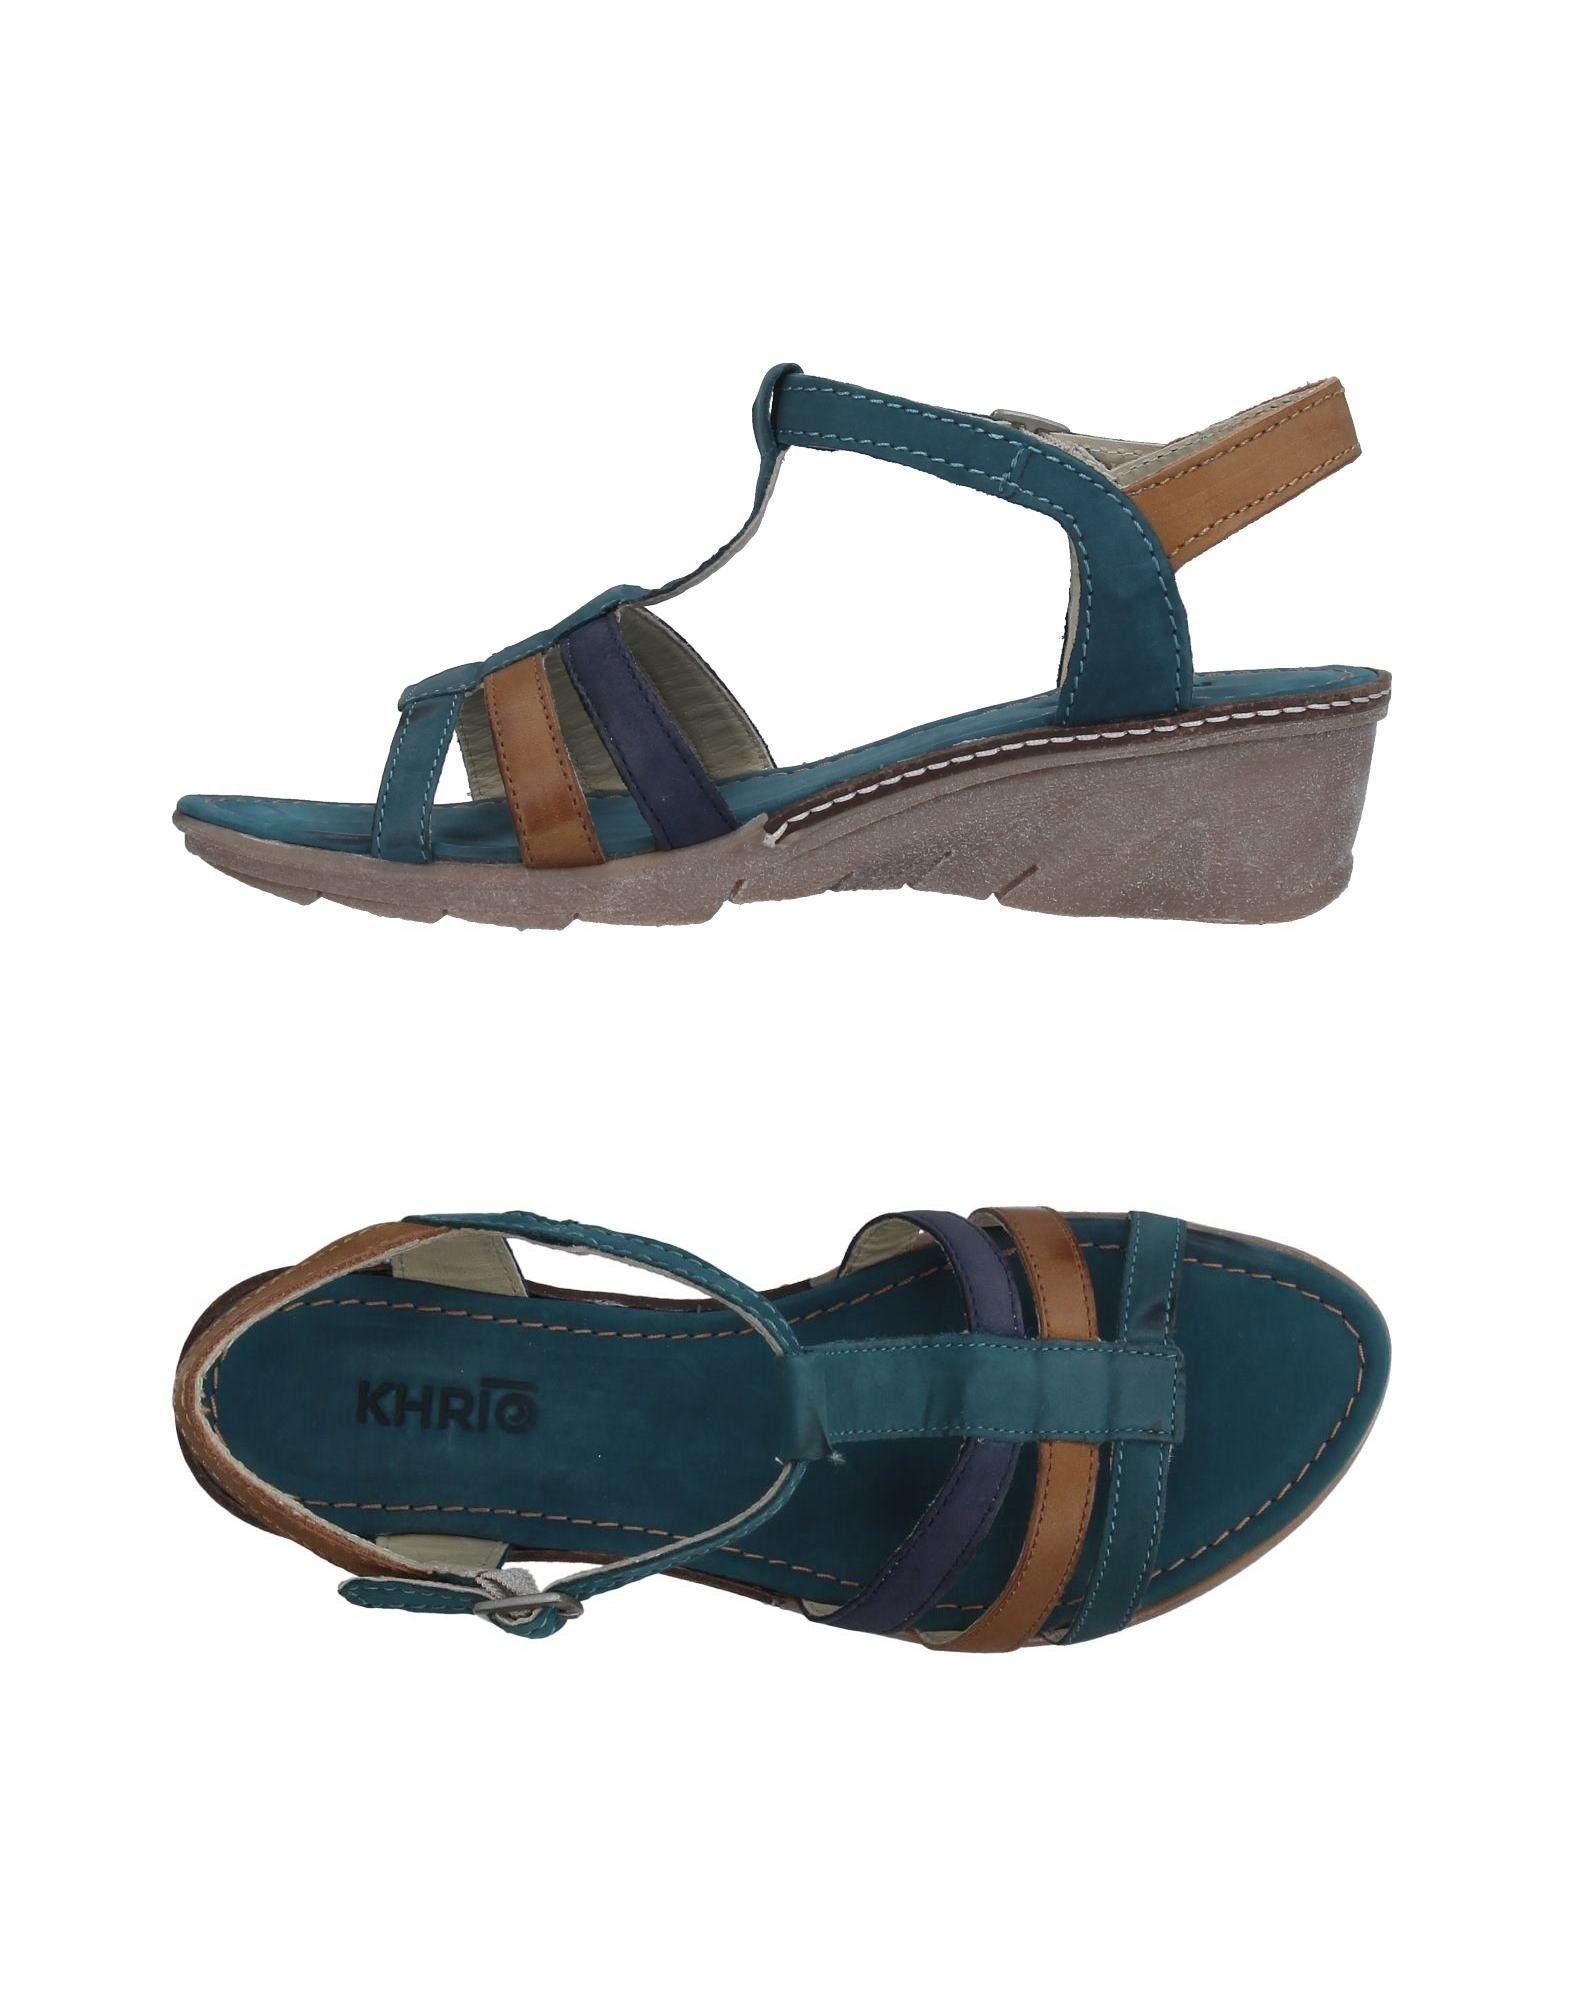 Khrio' Sandalen Damen  11327006WH Gute Qualität beliebte Schuhe